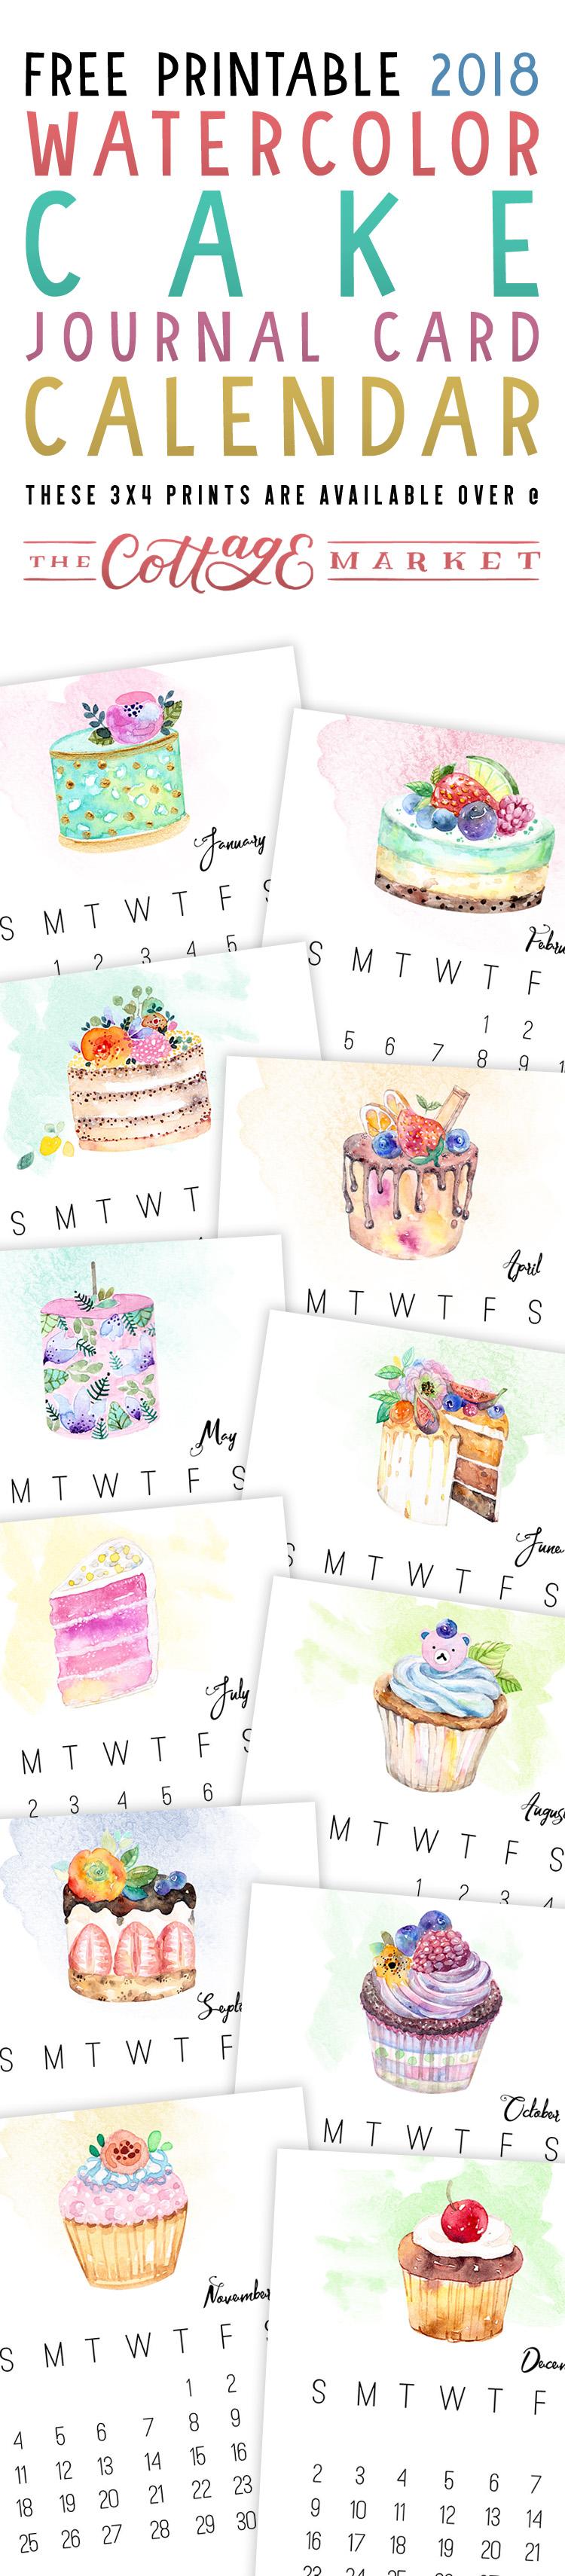 http://thecottagemarket.com/wp-content/uploads/2017/11/TCM-Cake-Journal-Calendar-t-1.jpg